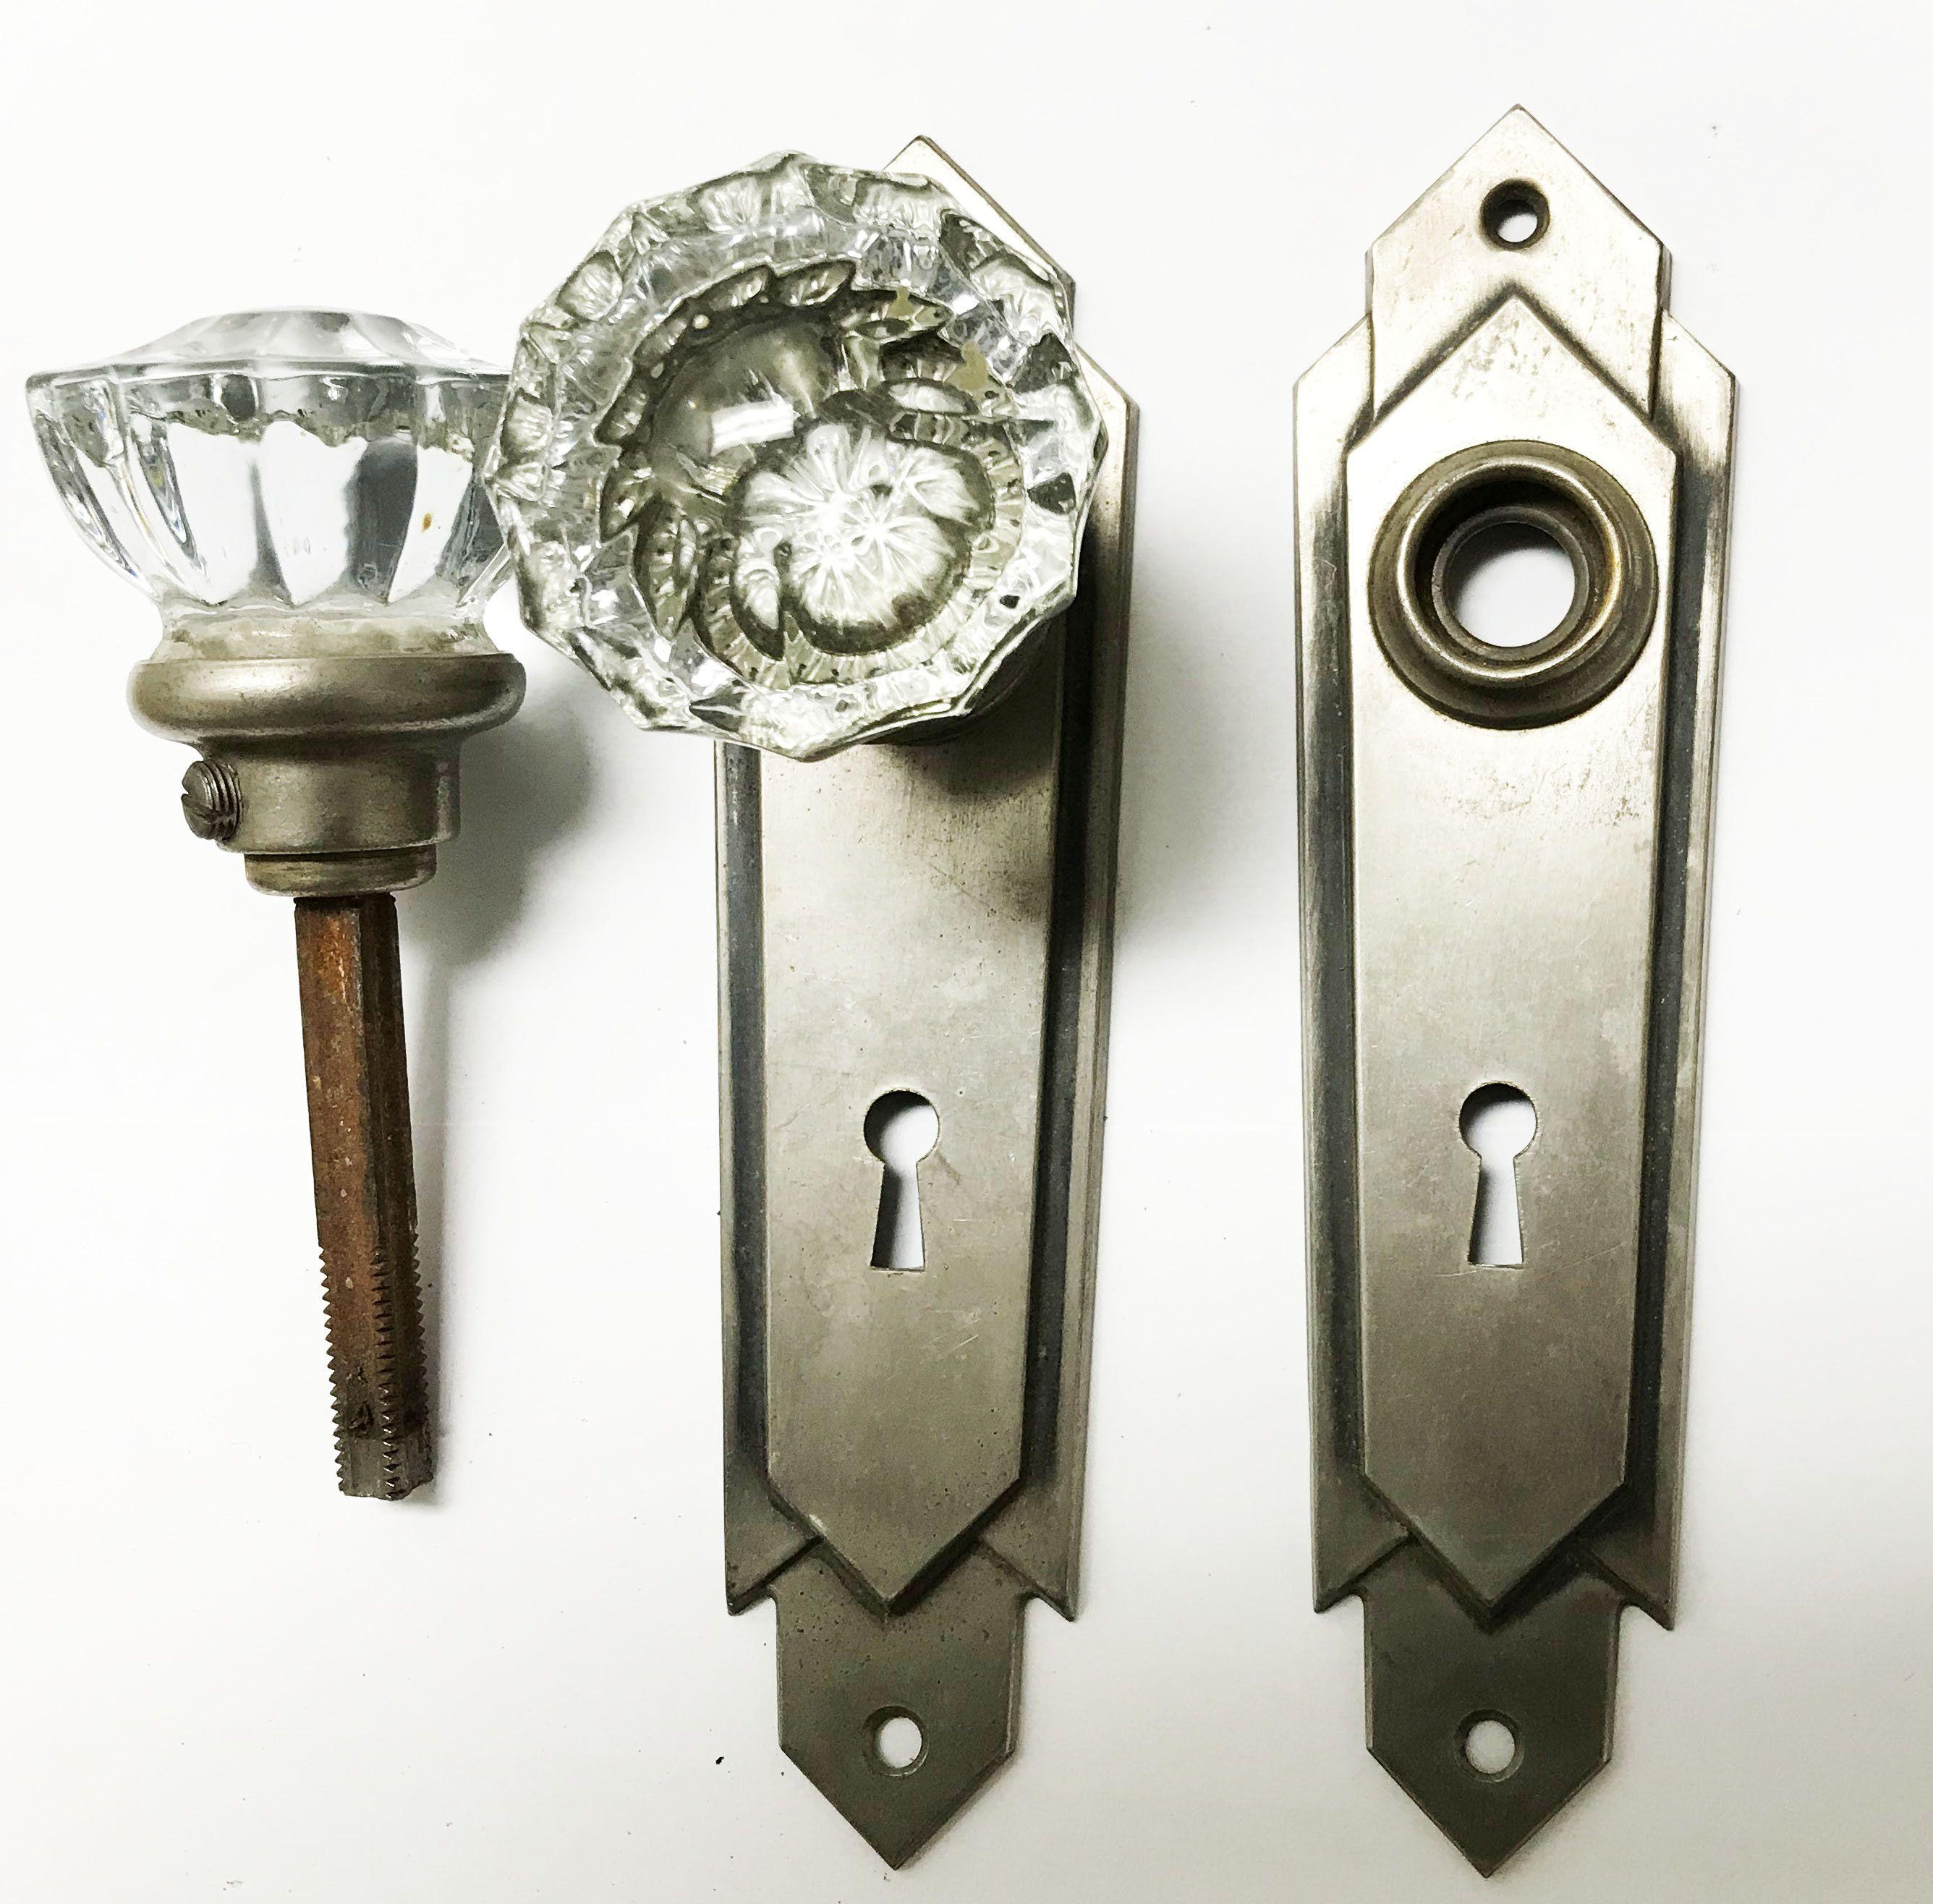 Antique 1920 S Art Deco Glass Doorknob Set 533025 Art Deco Glass 1920s Art Deco Antique Hardware